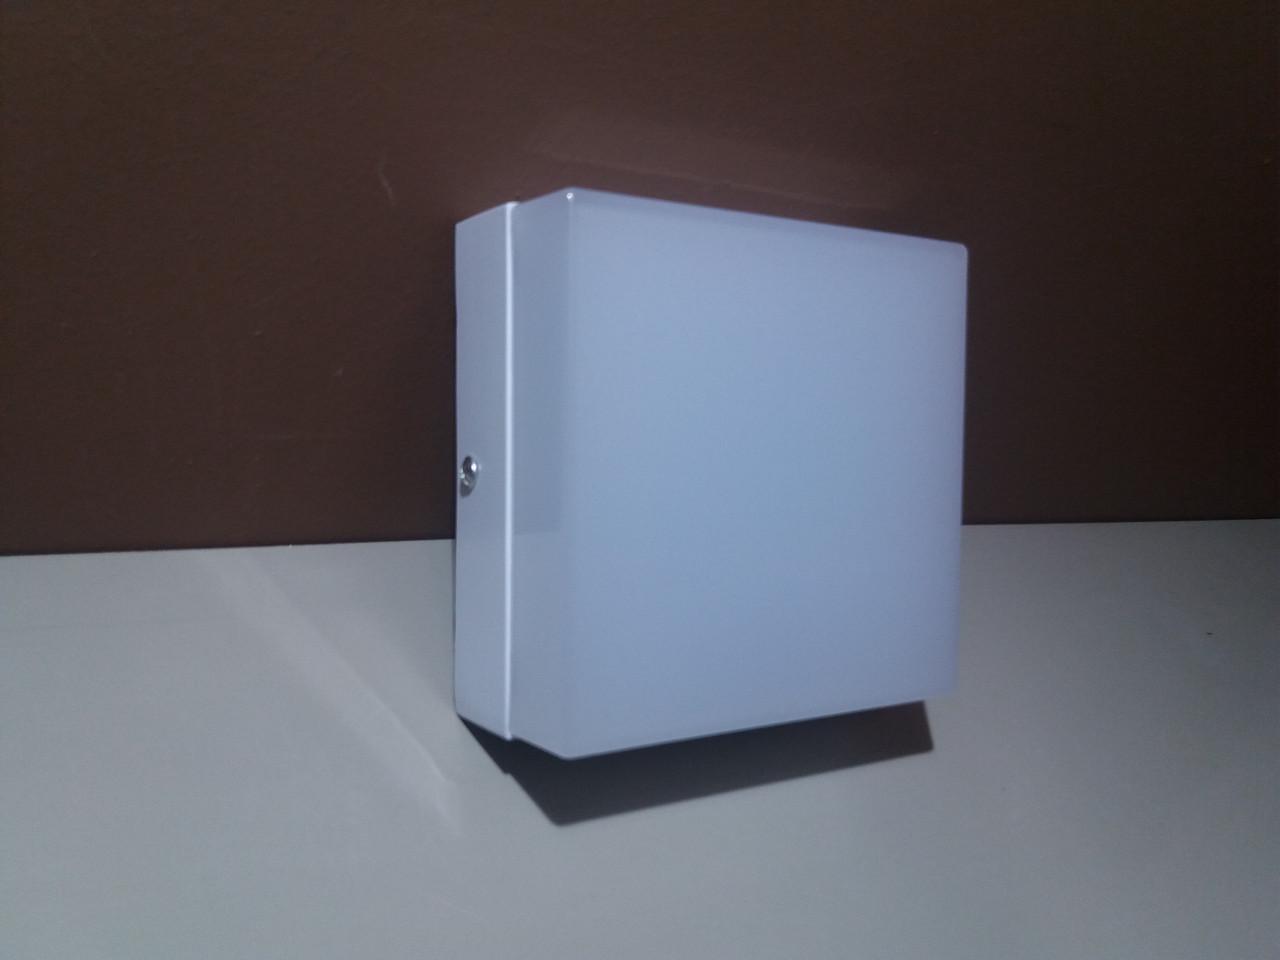 LED Светильник накладной 12вт квадратный